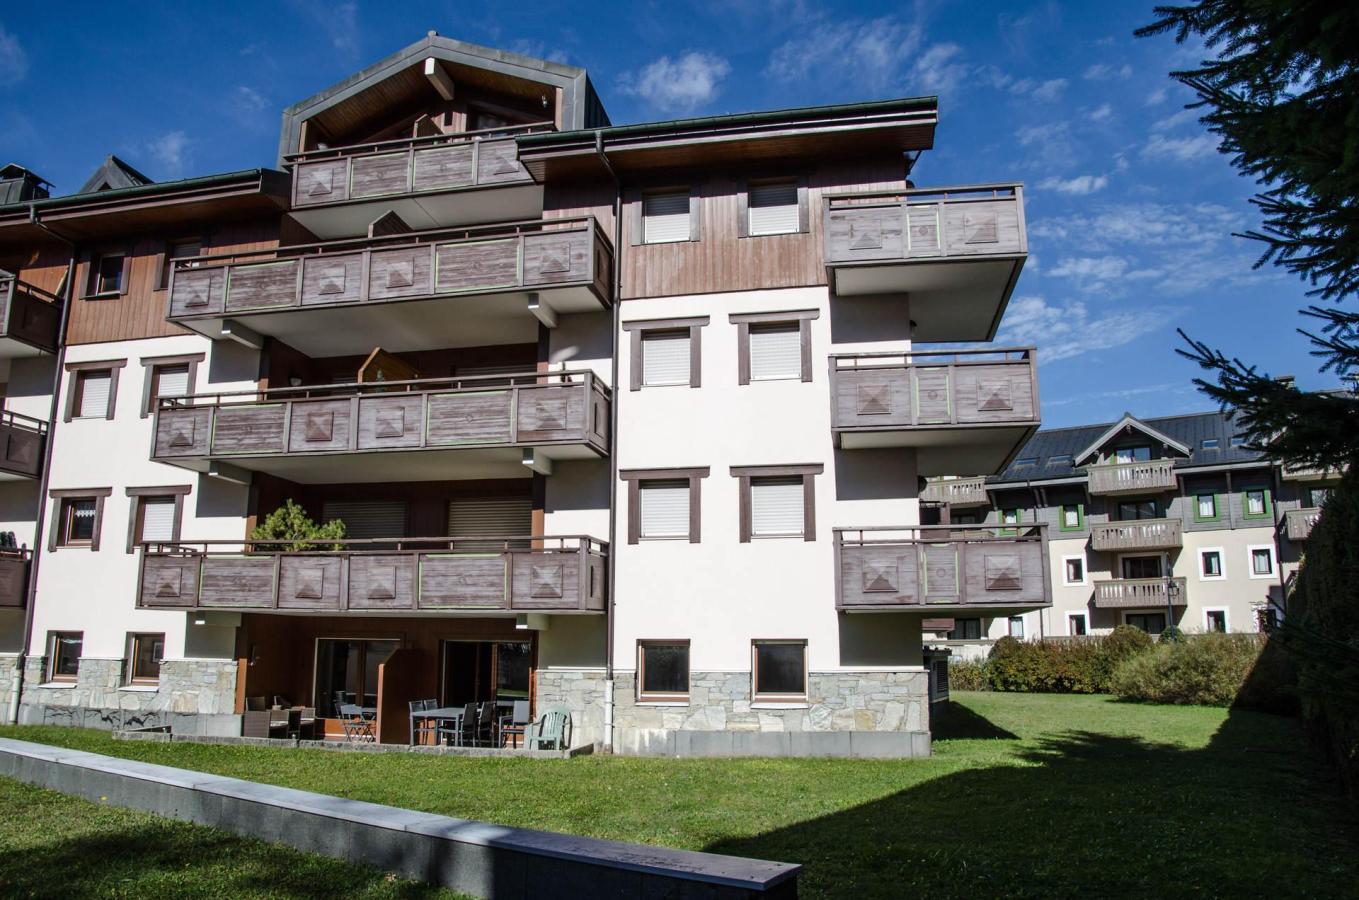 Location au ski Appartement 4 pièces 8 personnes - Residence Espace Montagne - Chamonix - Coin repas